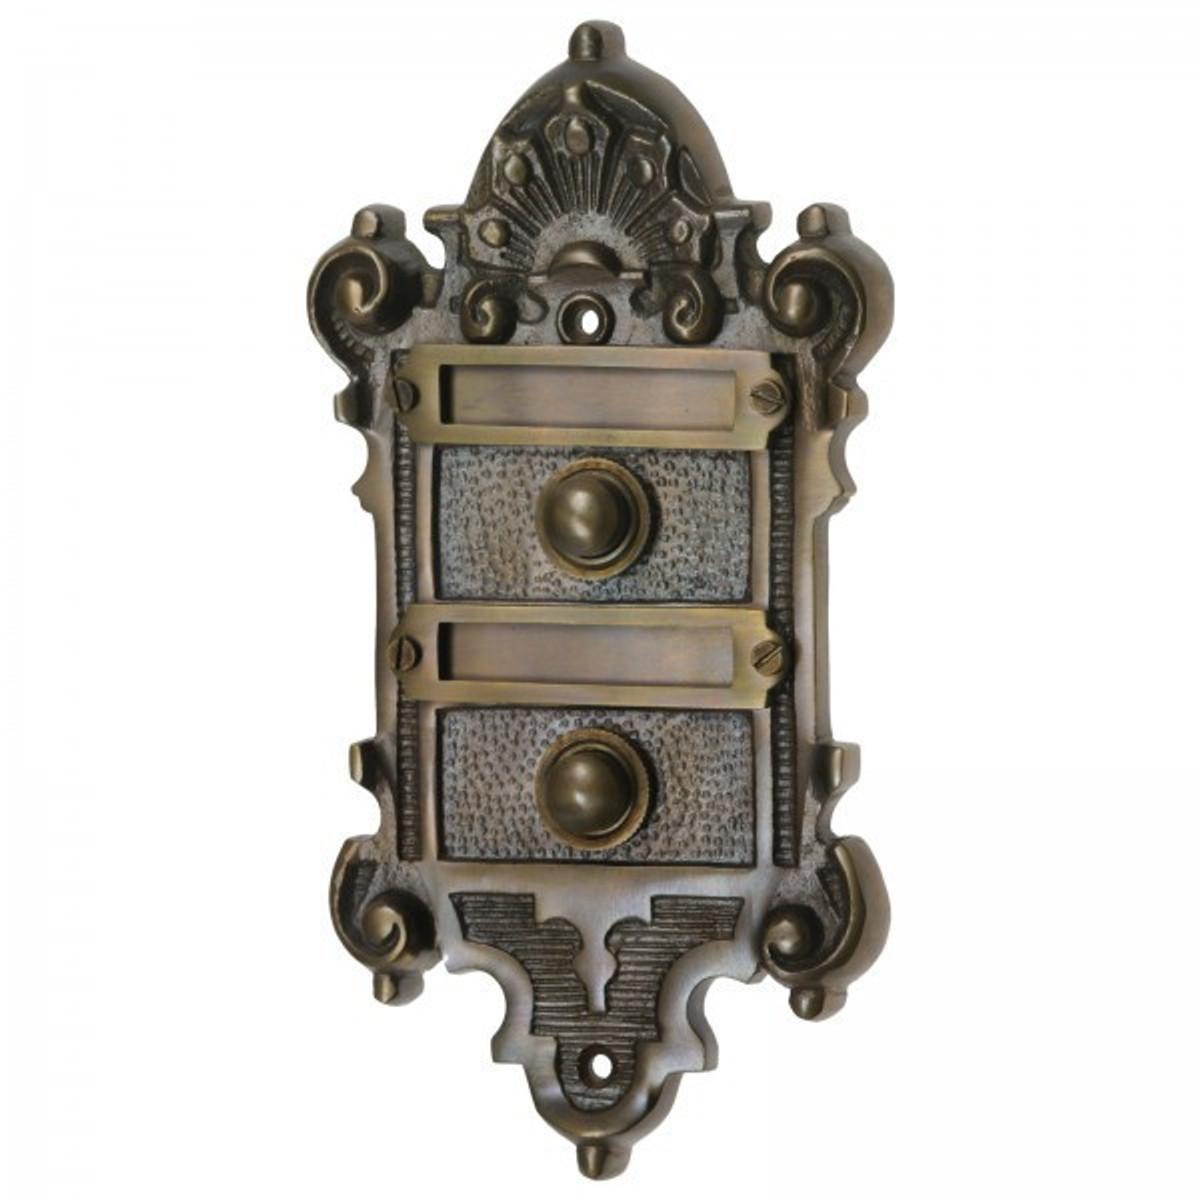 Klingelschilder Türklingel 2 er Set Klingeltaster für Haustüren mit 2 Wohnungen aus Messing patiniert.